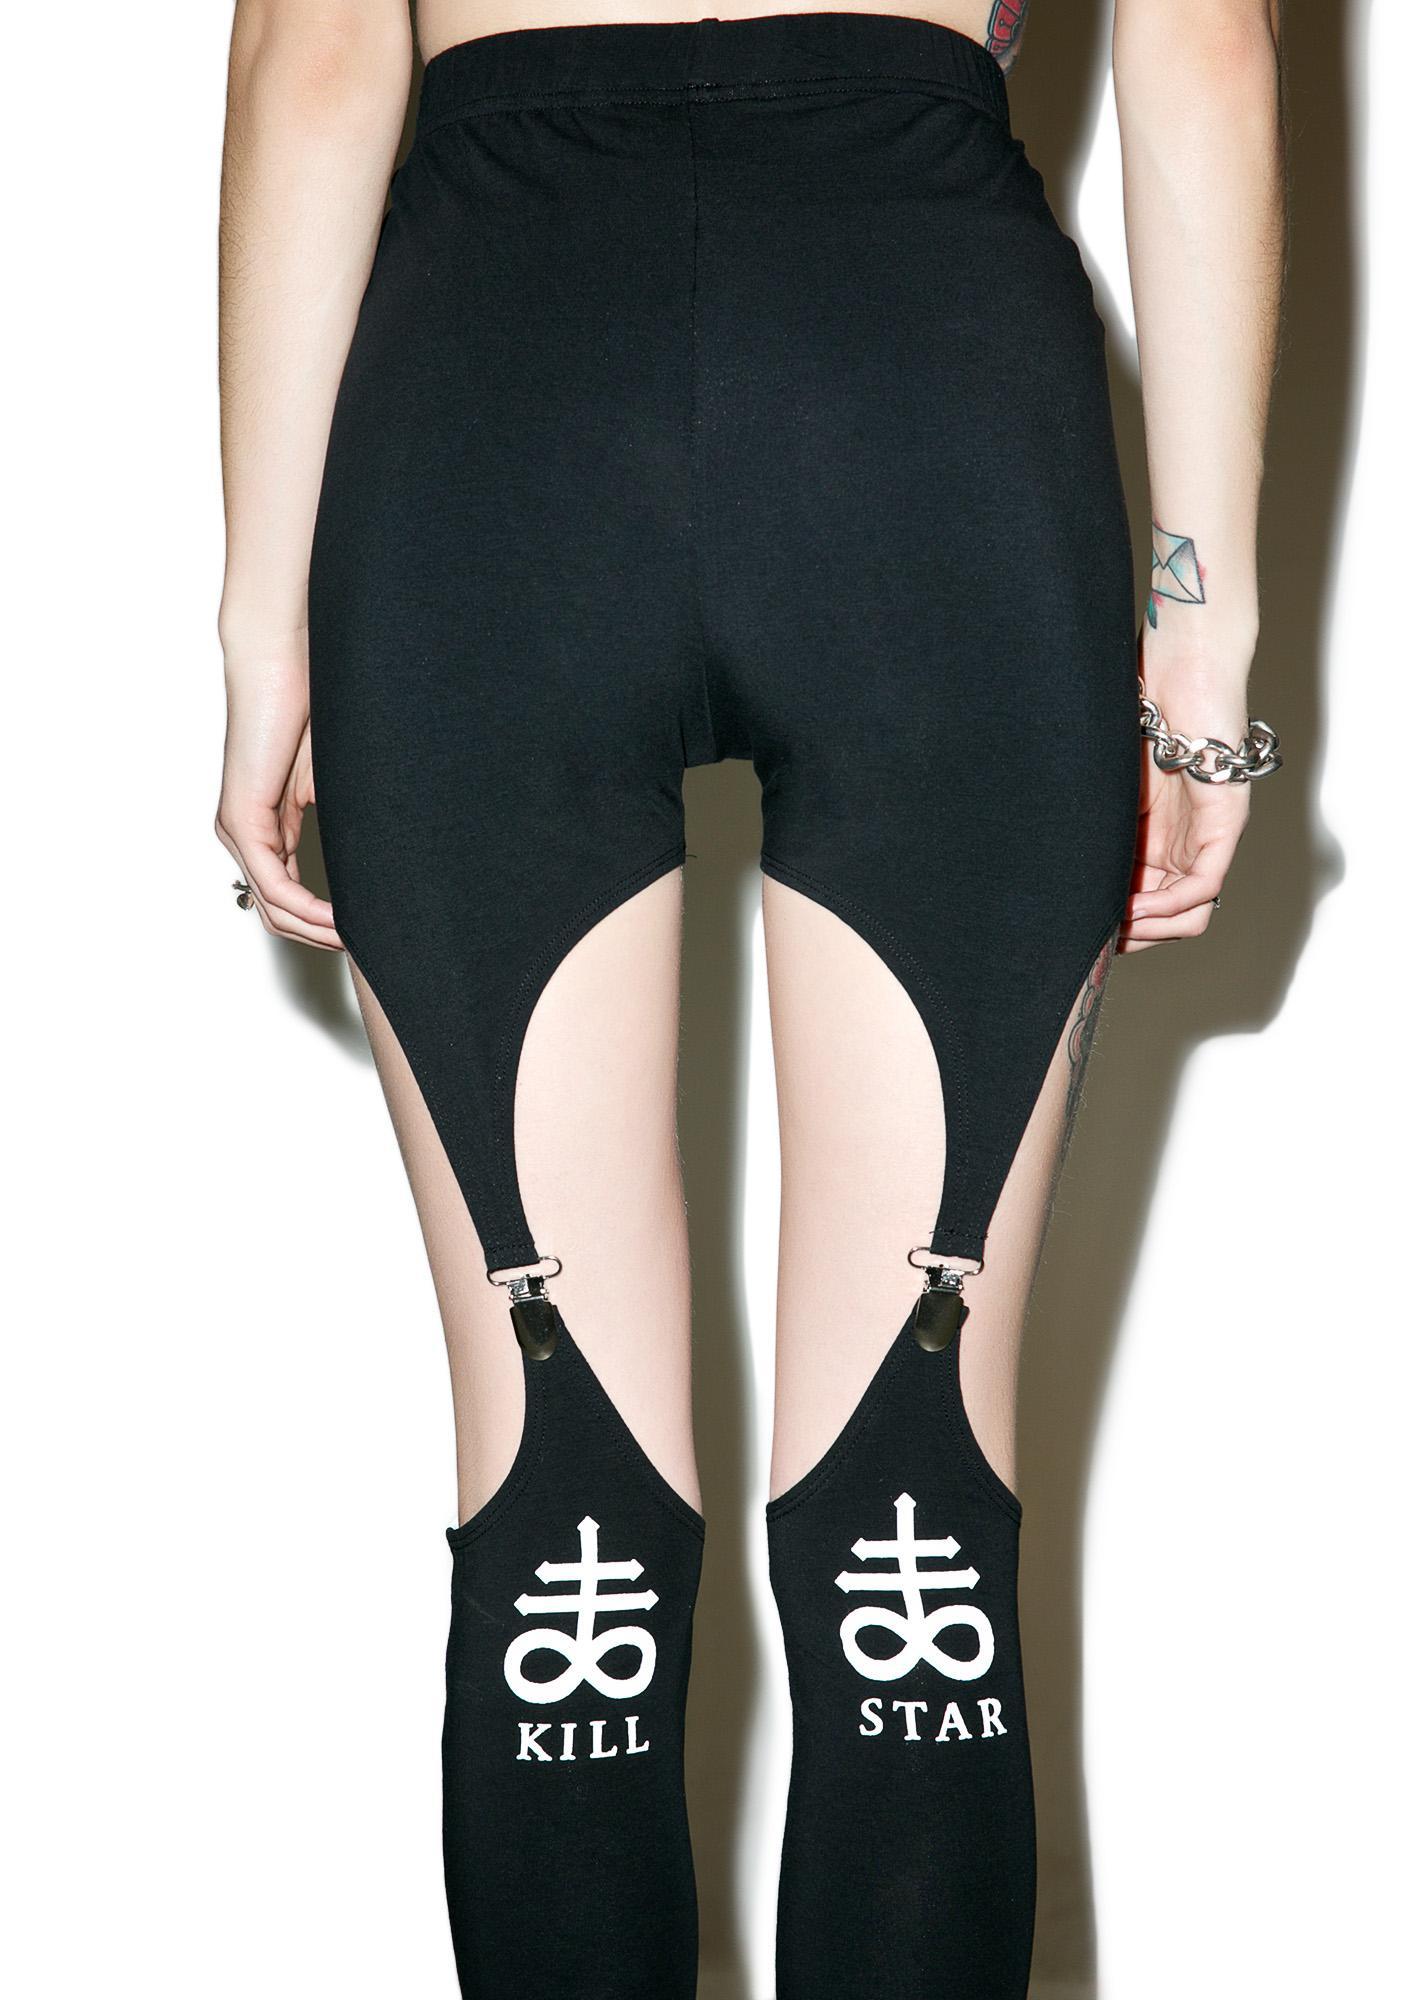 Killstar Killing It Suspender Leggings